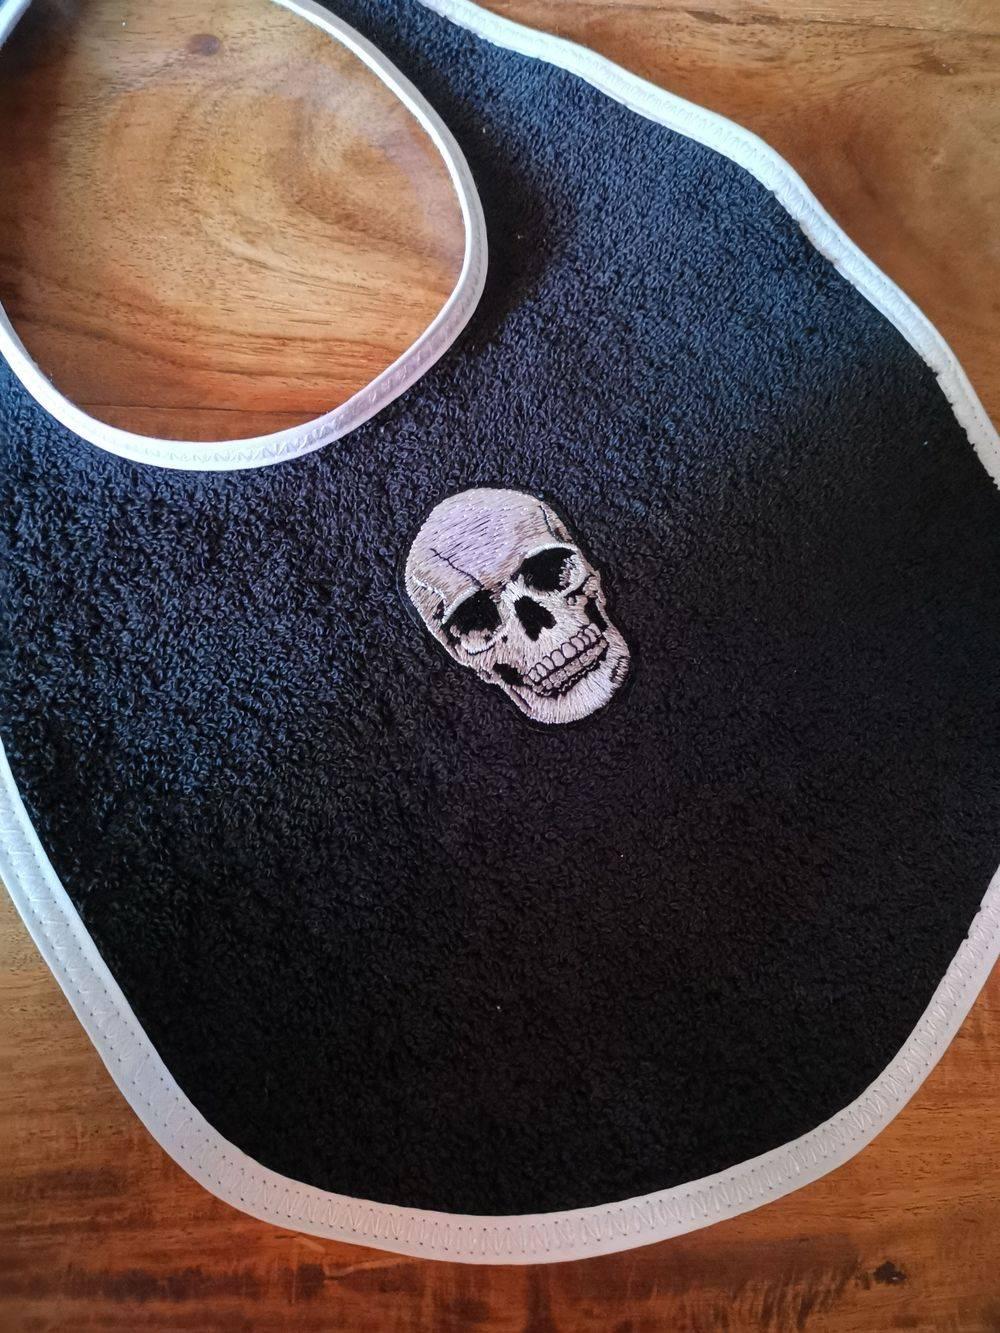 Bavoir pièce unique, Bavoir patch, bavoir vintage , Bavoir tête de mort, bavoir rock, bavette, rock, tête de mort , skull, crâne, rocknbabe, rocknbabeshop, pinup, rockabilly, tattoo, maman, bébé, cadeau naissance, Rock'n'Babe